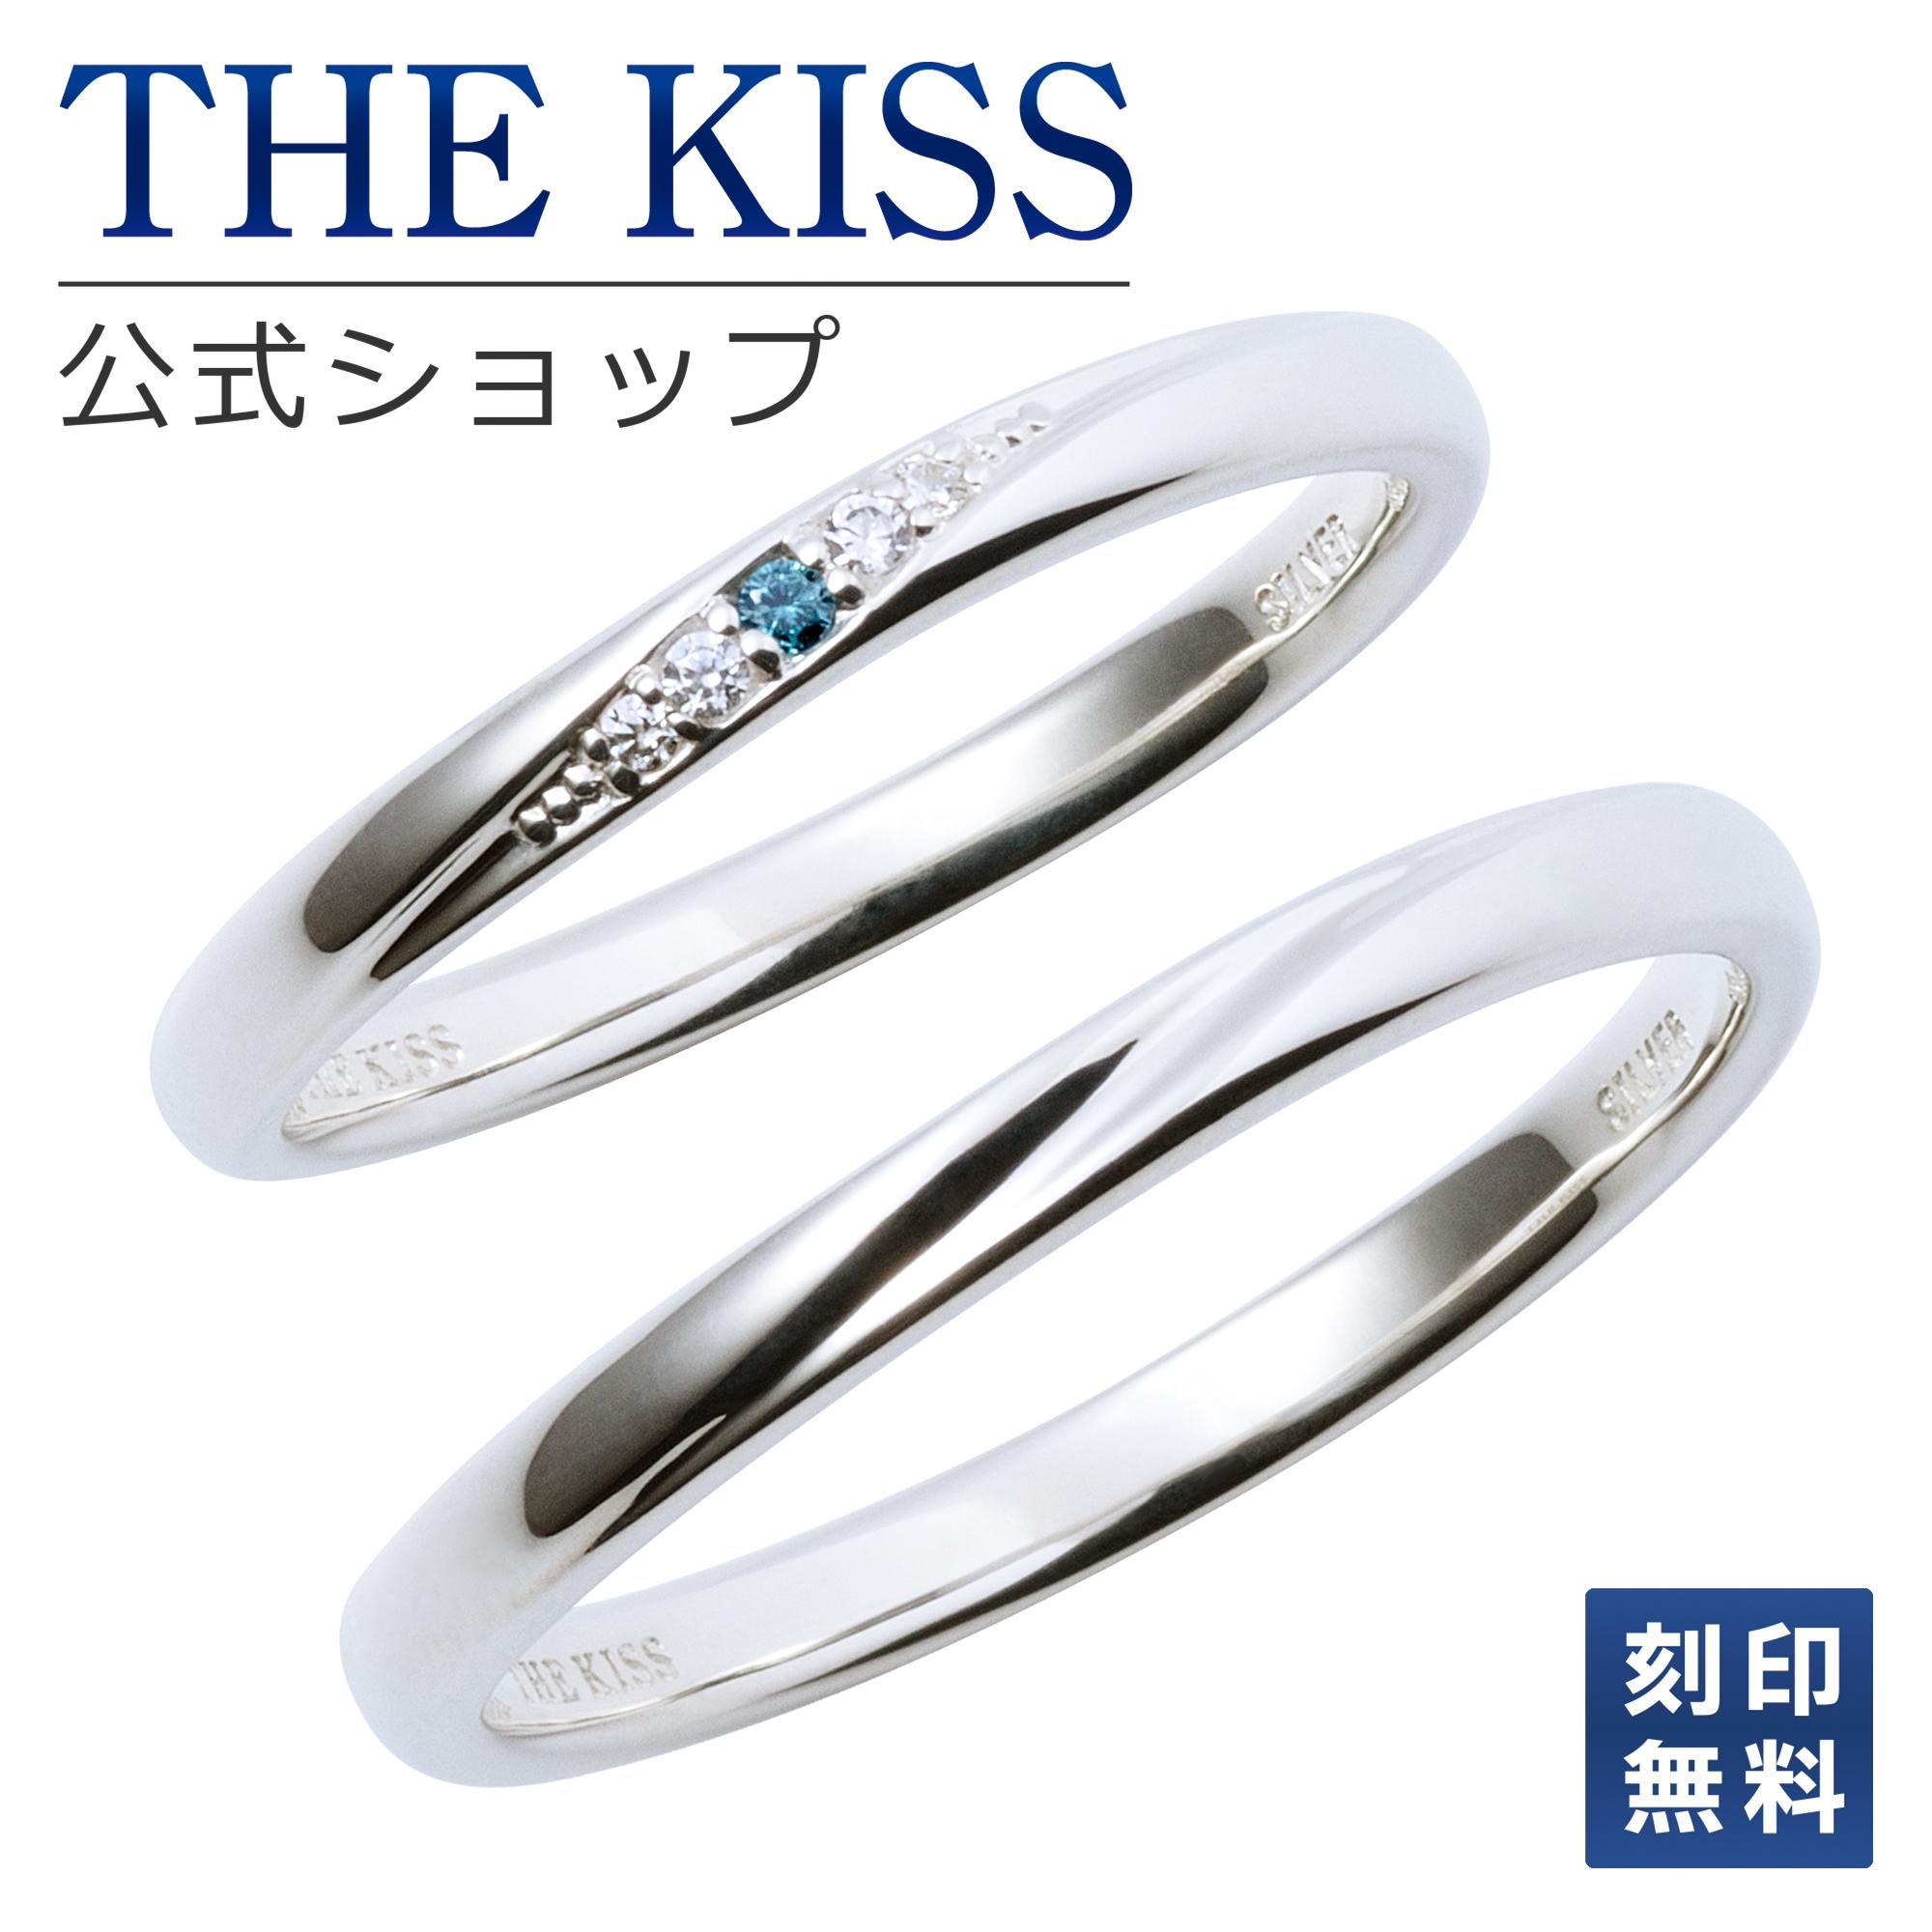 【刻印可_2文字】【あす楽対応】THE KISS 公式サイト シルバー ペアリング ペアアクセサリー カップル に 人気 の ジュエリーブランド THEKISS ペア リング・指輪 記念日 プレゼント SR2006BDM-2007BDM セット シンプル ザキス